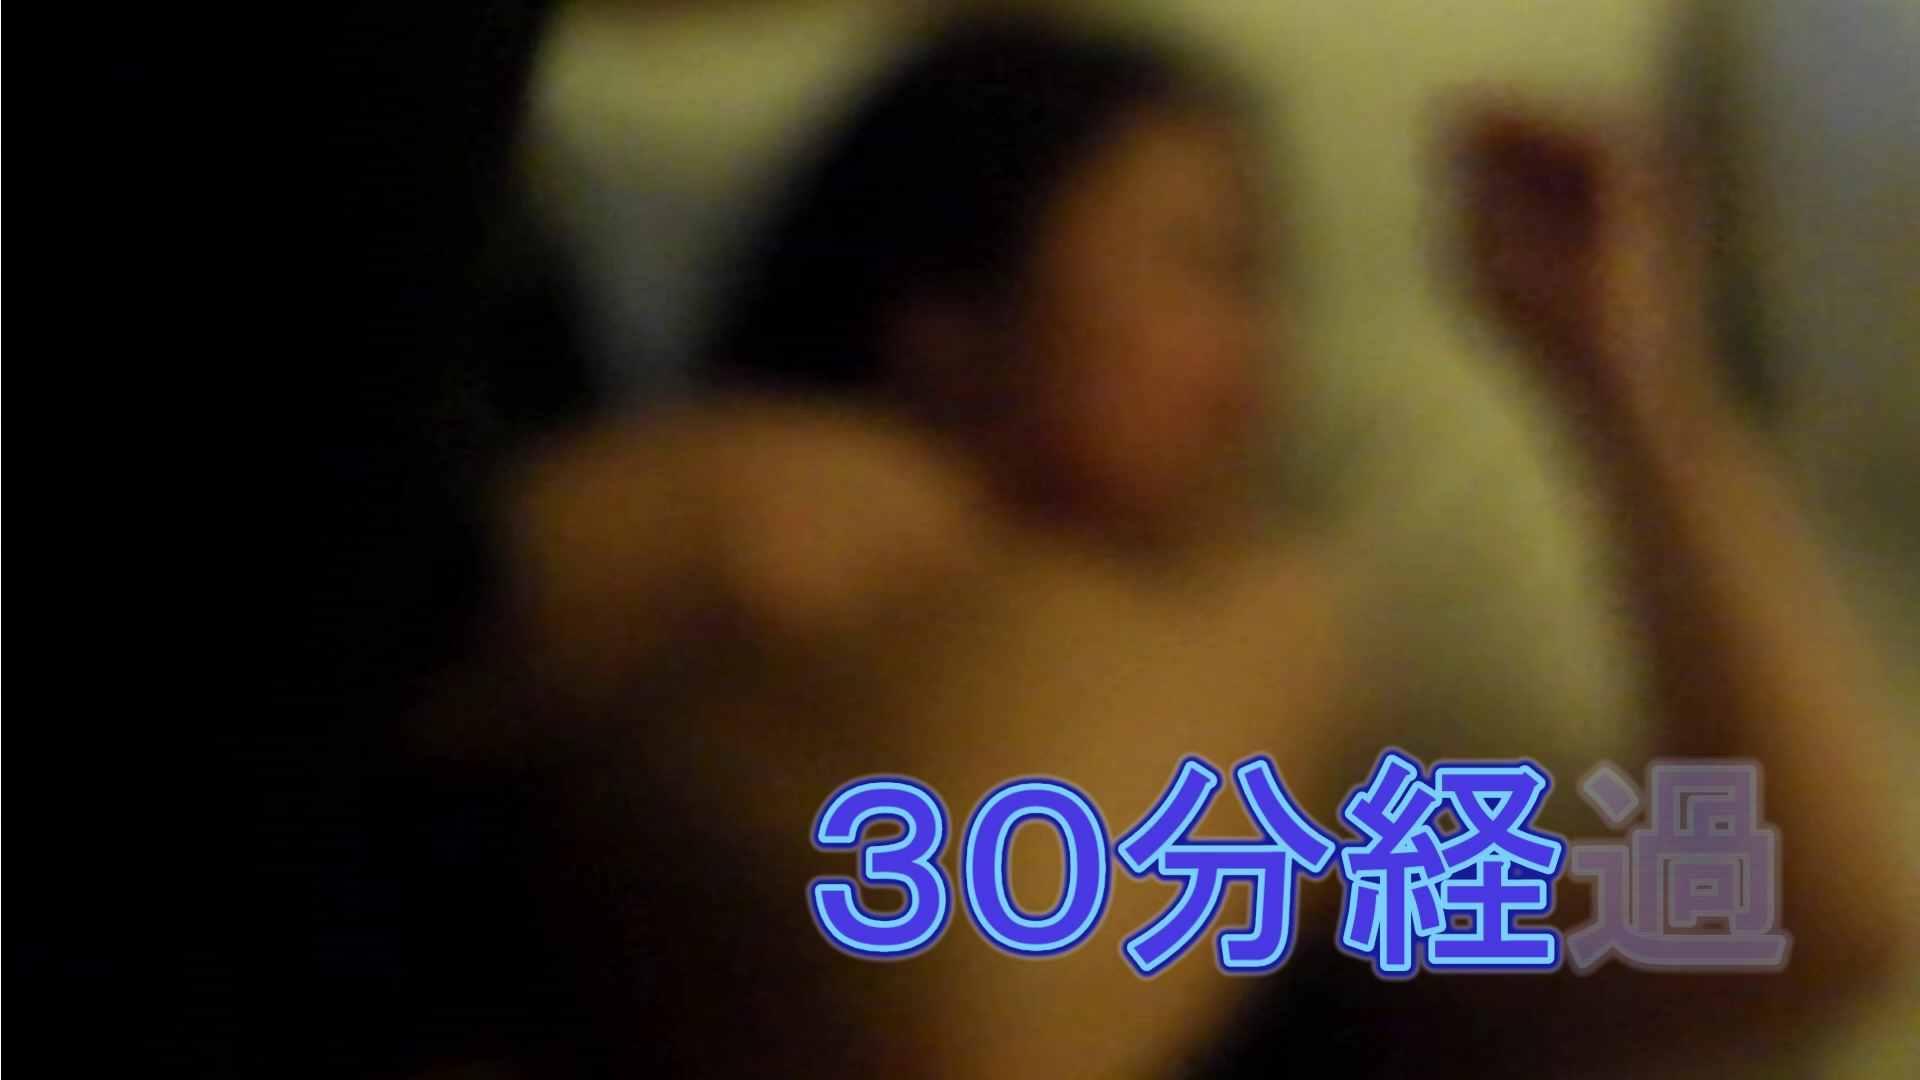 ヒトニアラヅNo.02 姿と全体の流れを公開 オマンコ無修正  47Pix 28